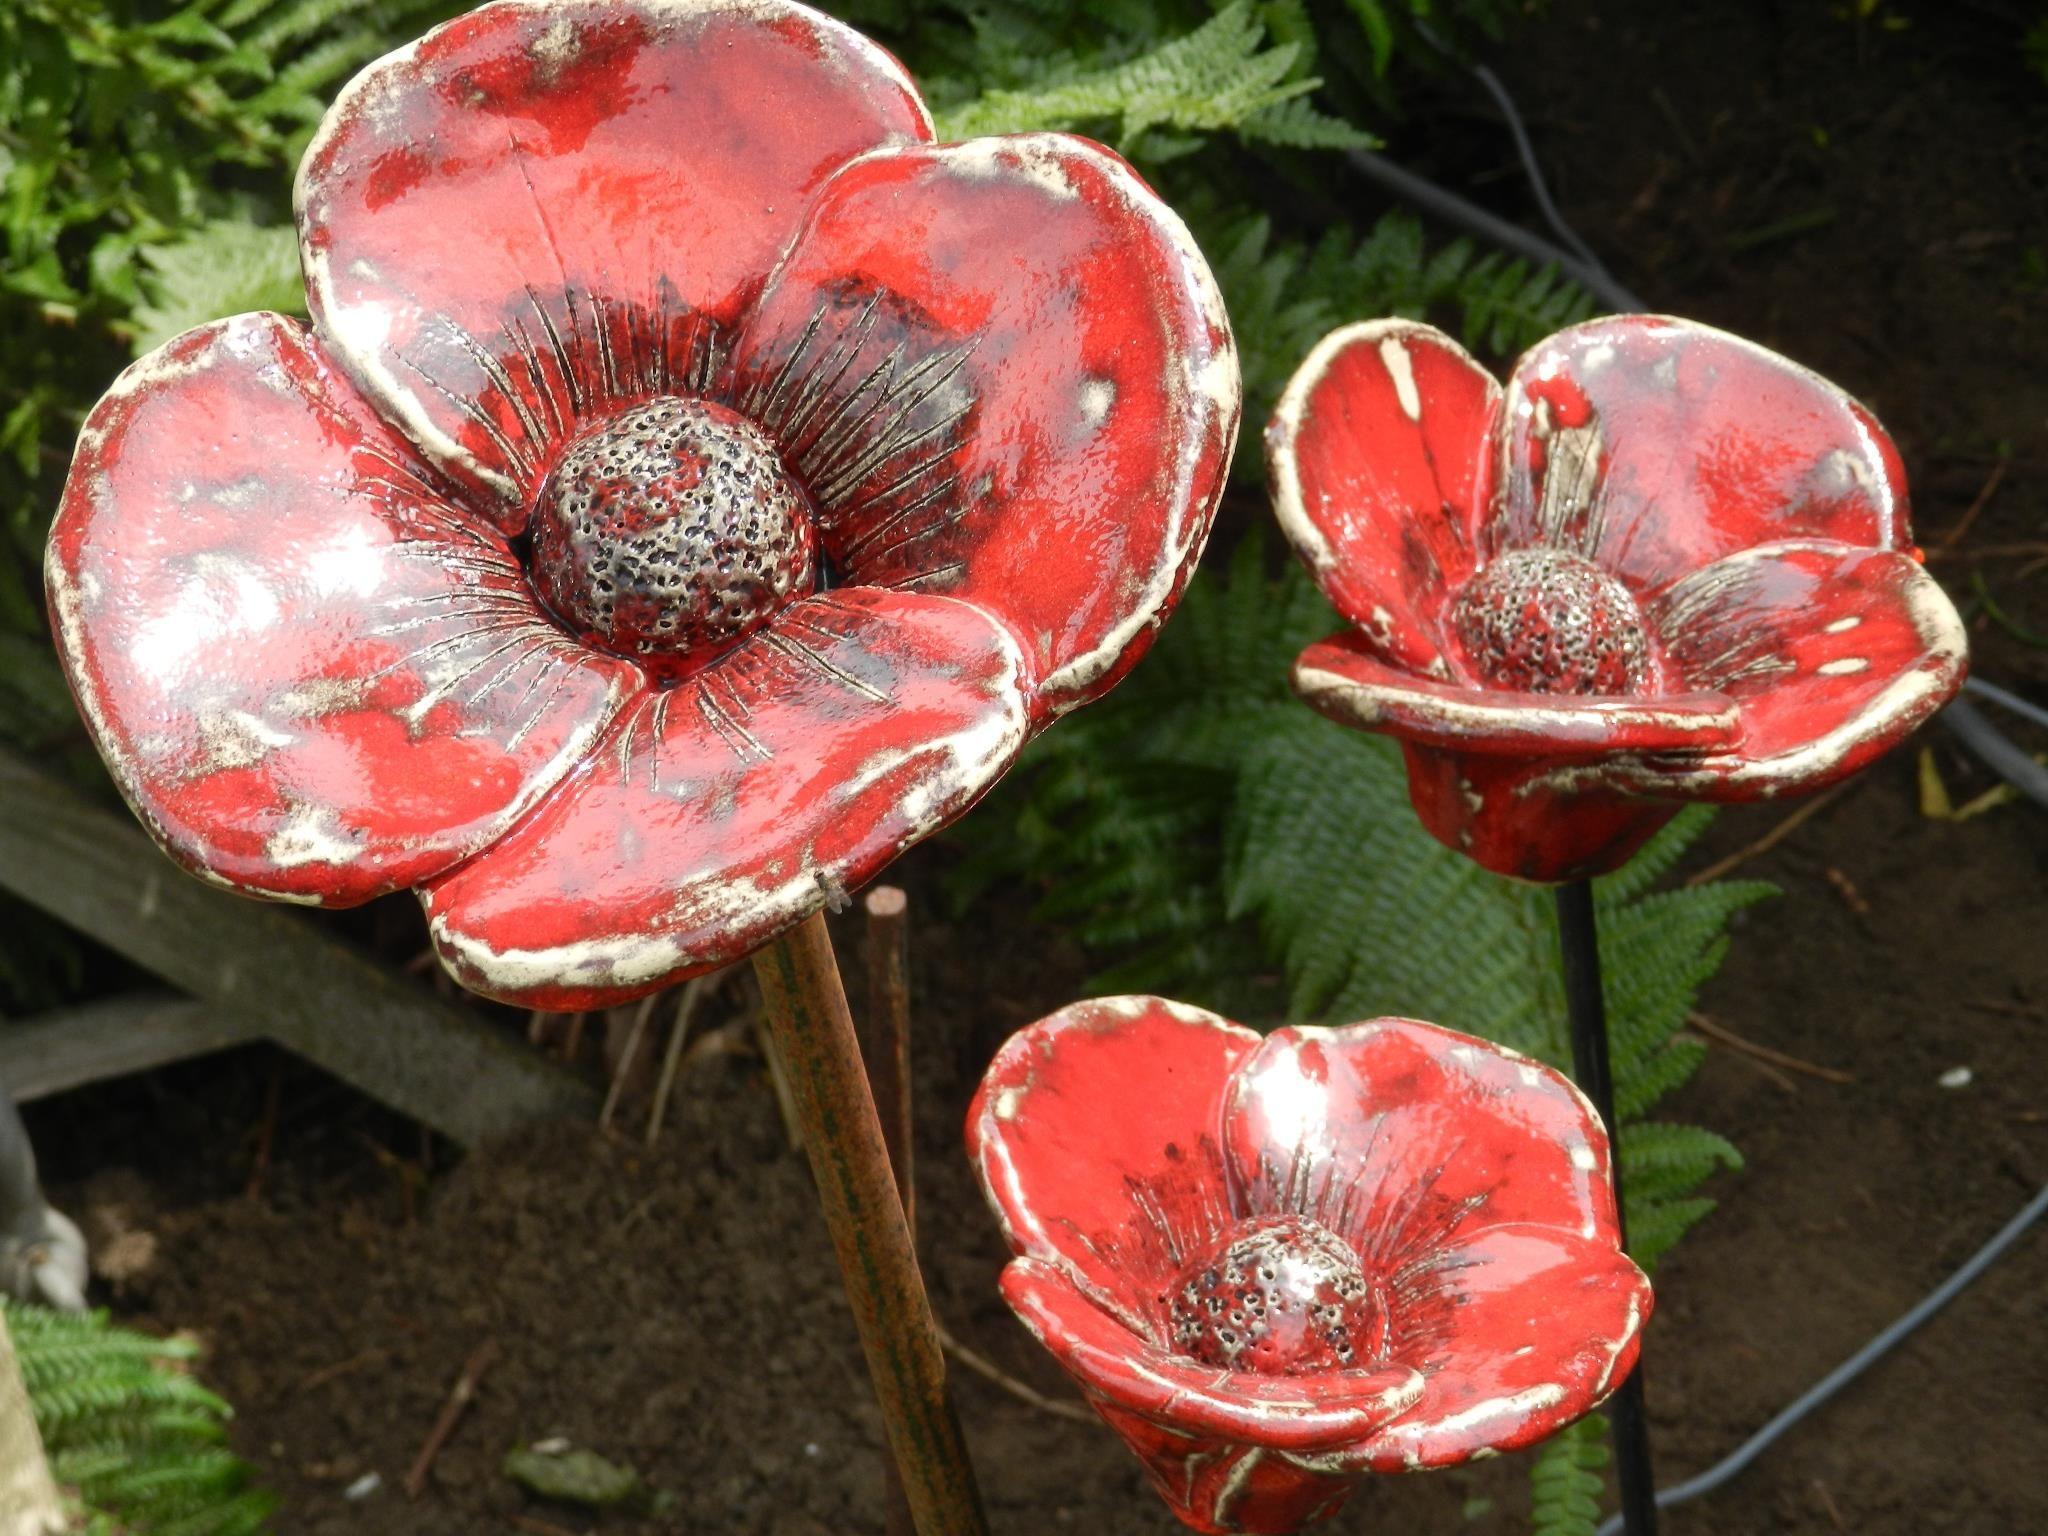 Poppy flower stake garden art poppy strong metal yard art flower - Red Poppies In The Garden Ceramic Flowersgarden Artred